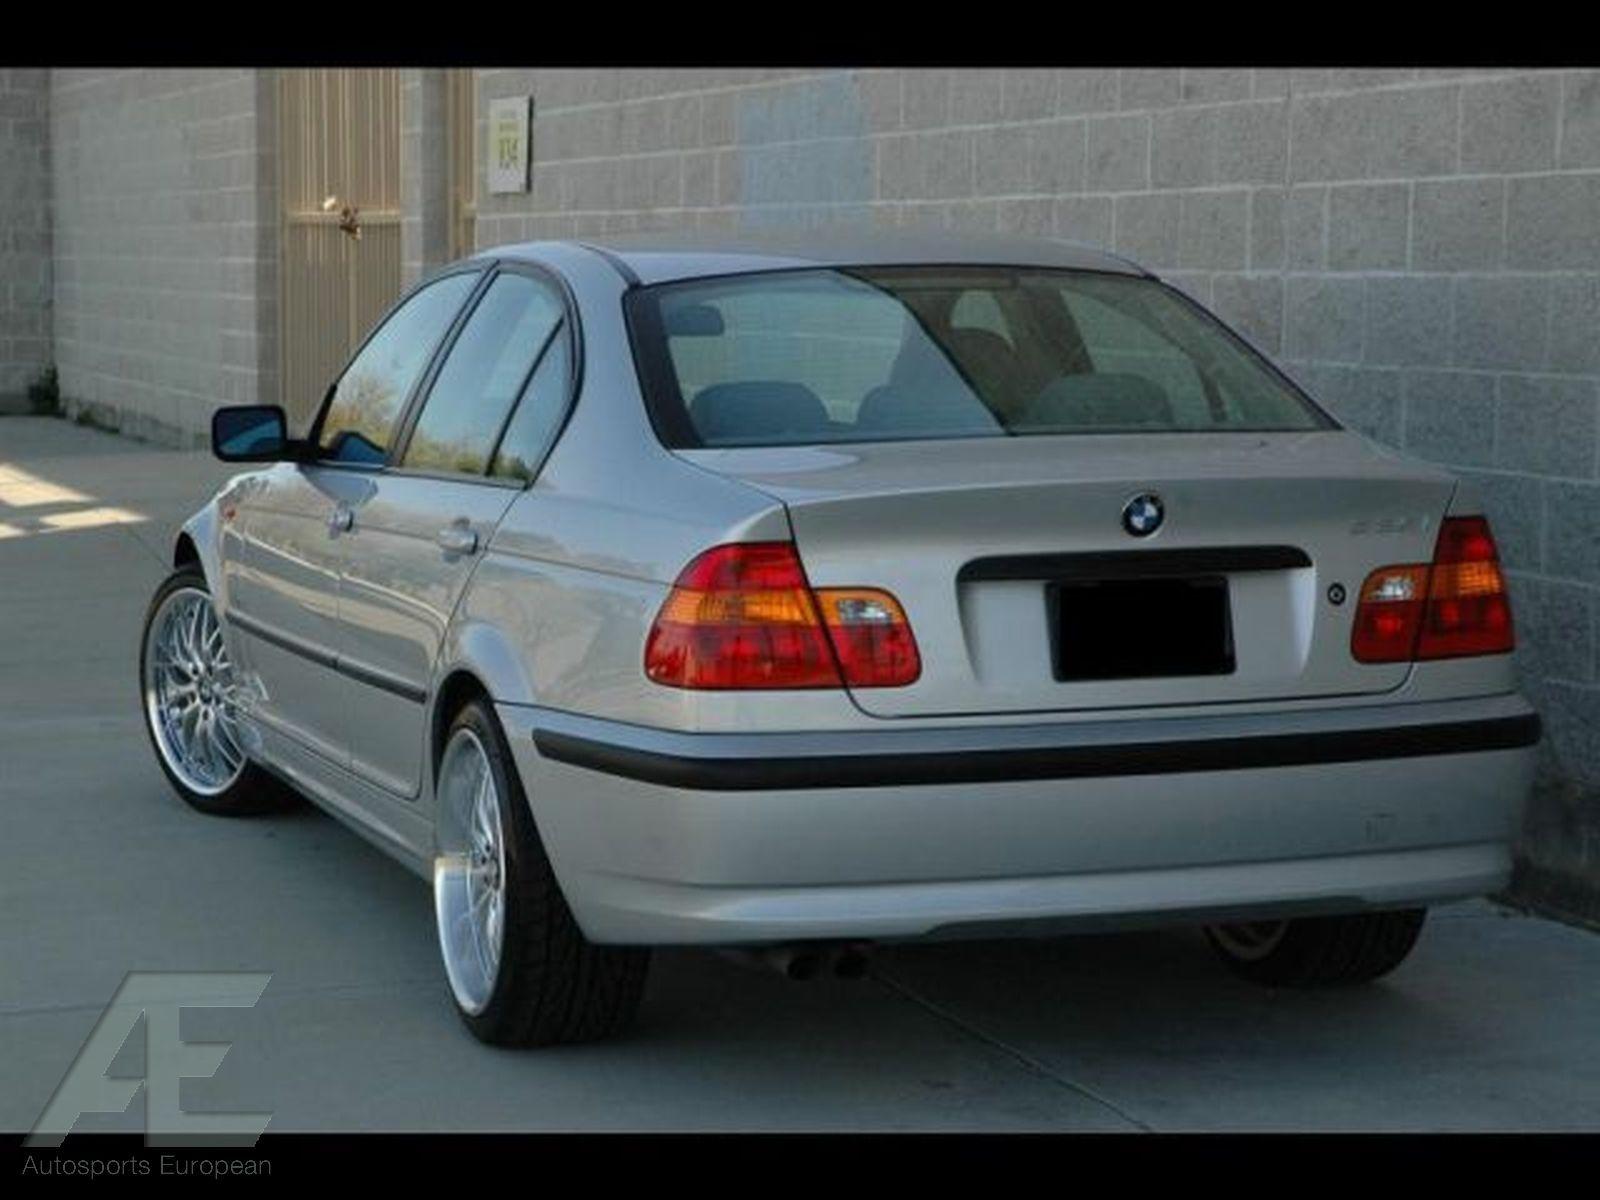 19 BMW Wheels Rim Tires 750i 750LI 760i 760LI x5 x6 M